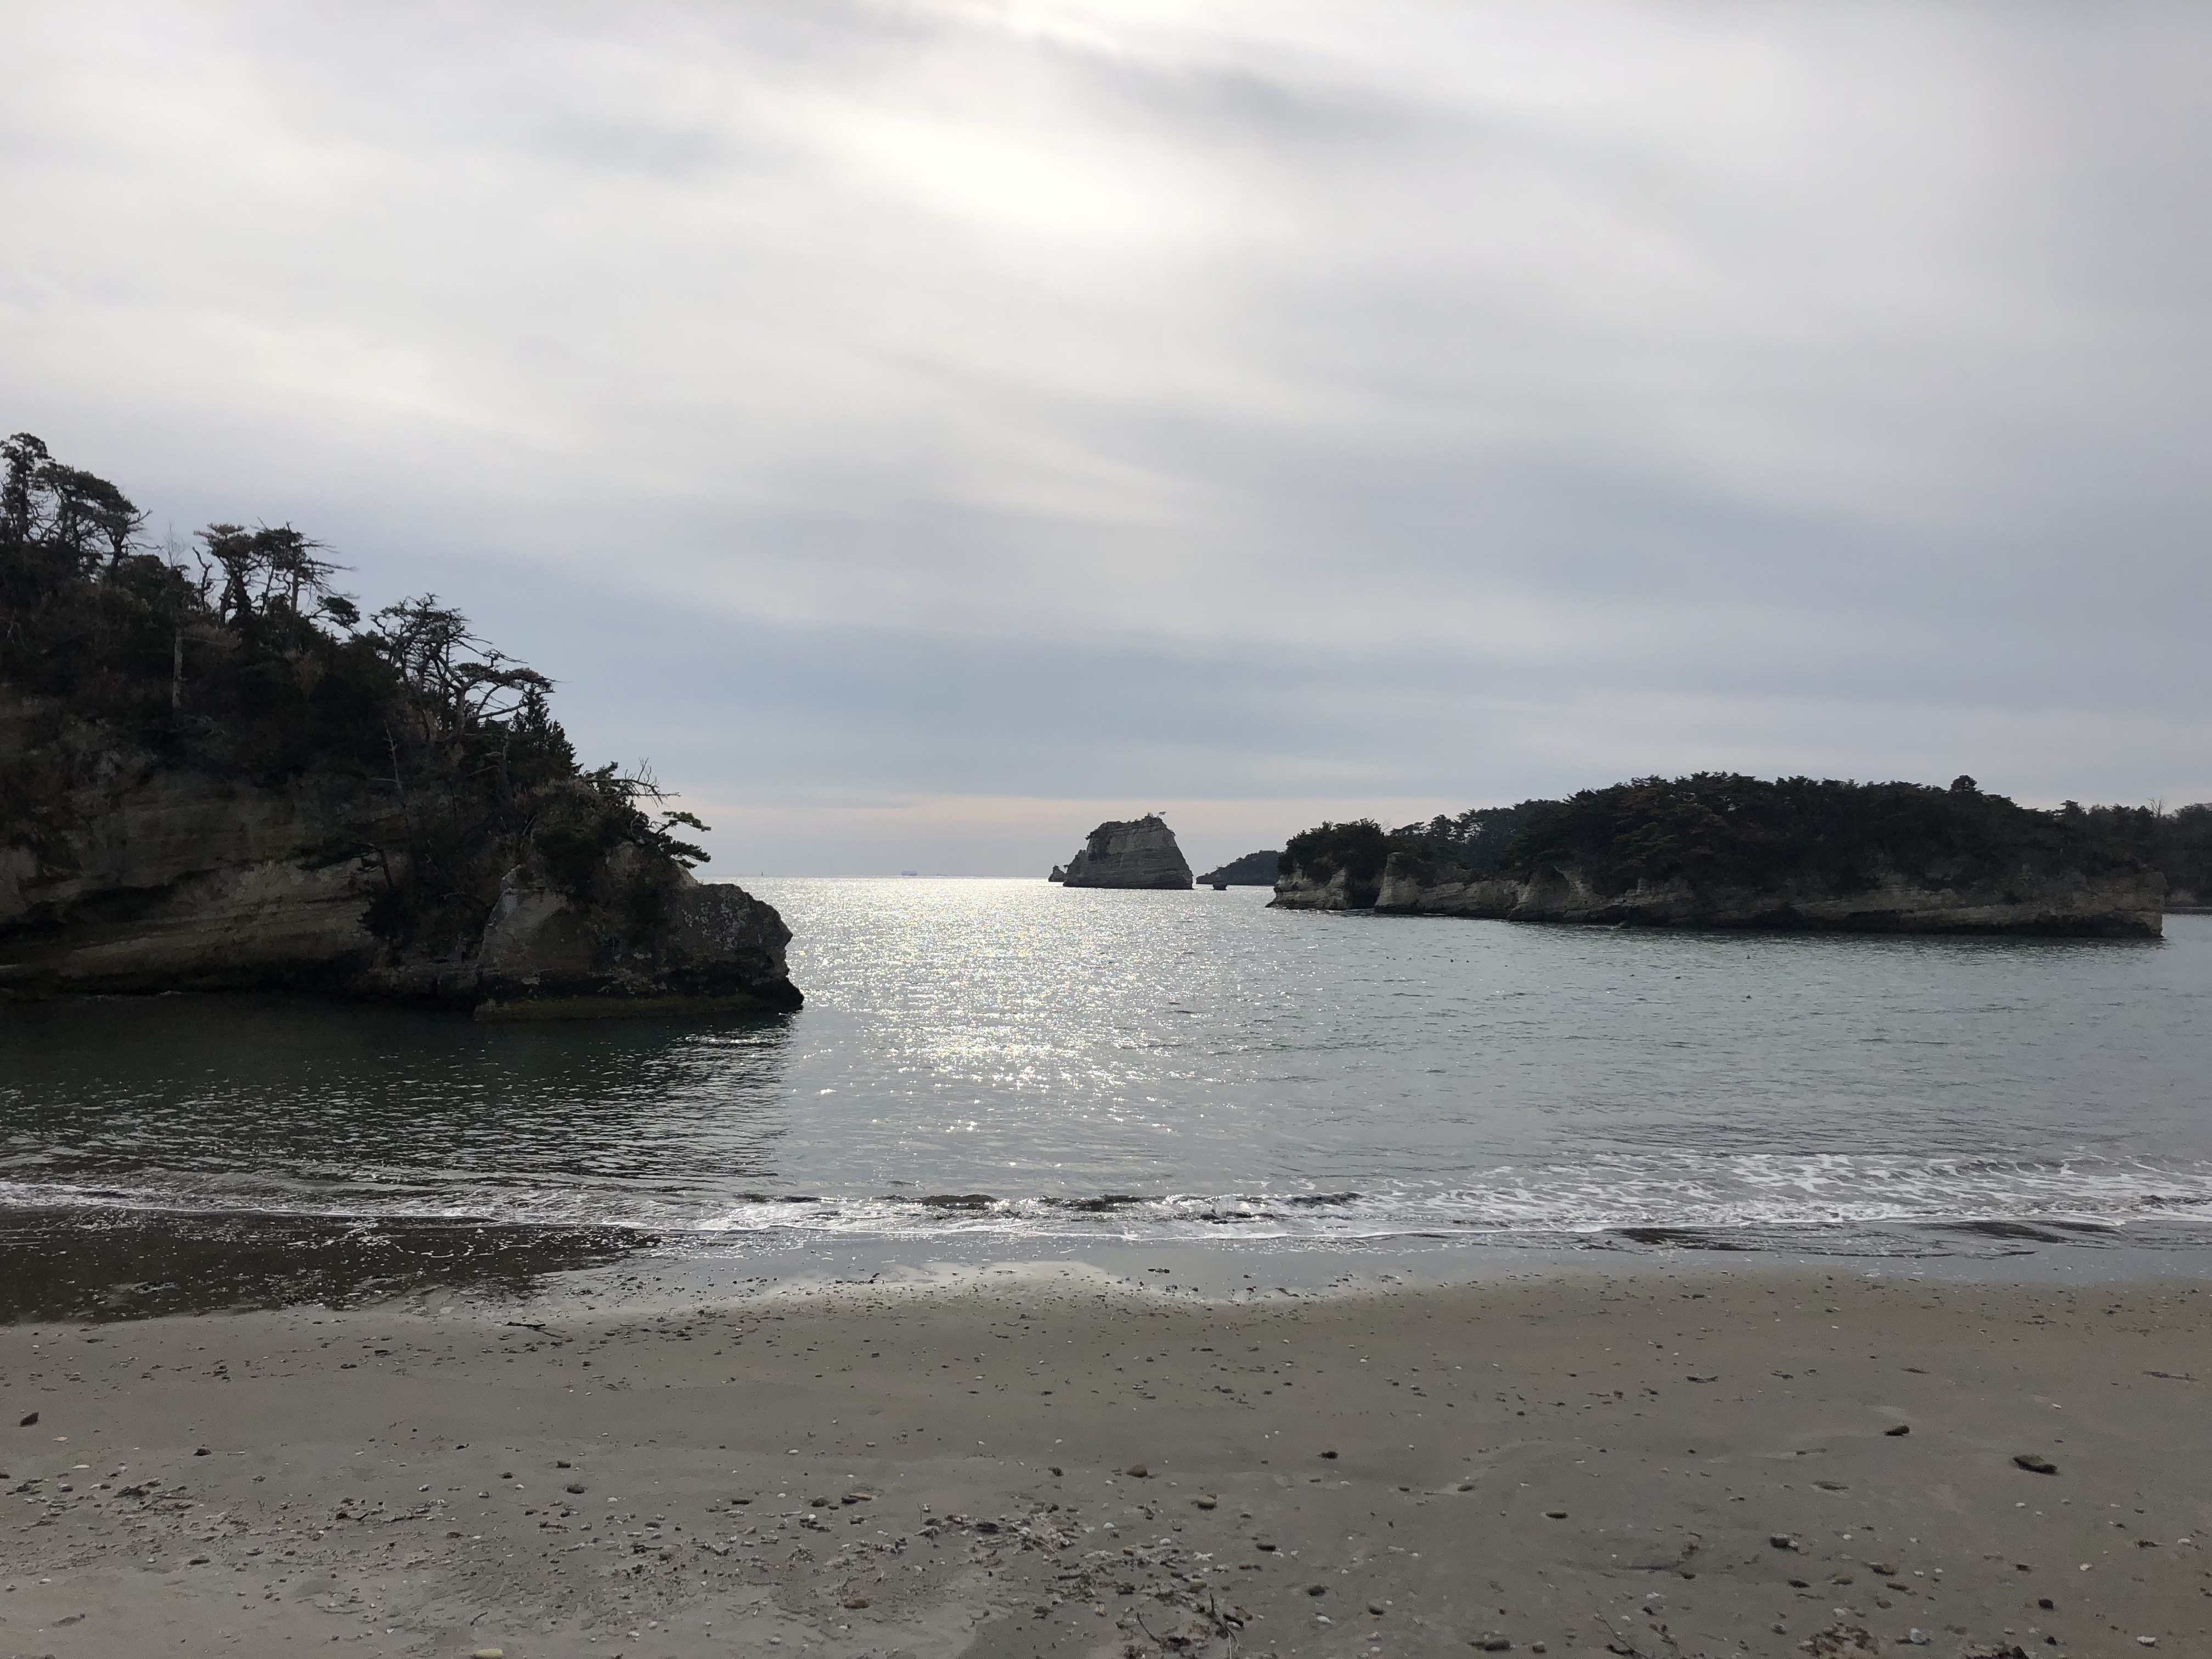 みちのく潮風トレイル 浦戸諸島の旅 ガイドと歩く桂島、野々島ハイキング(約5km)